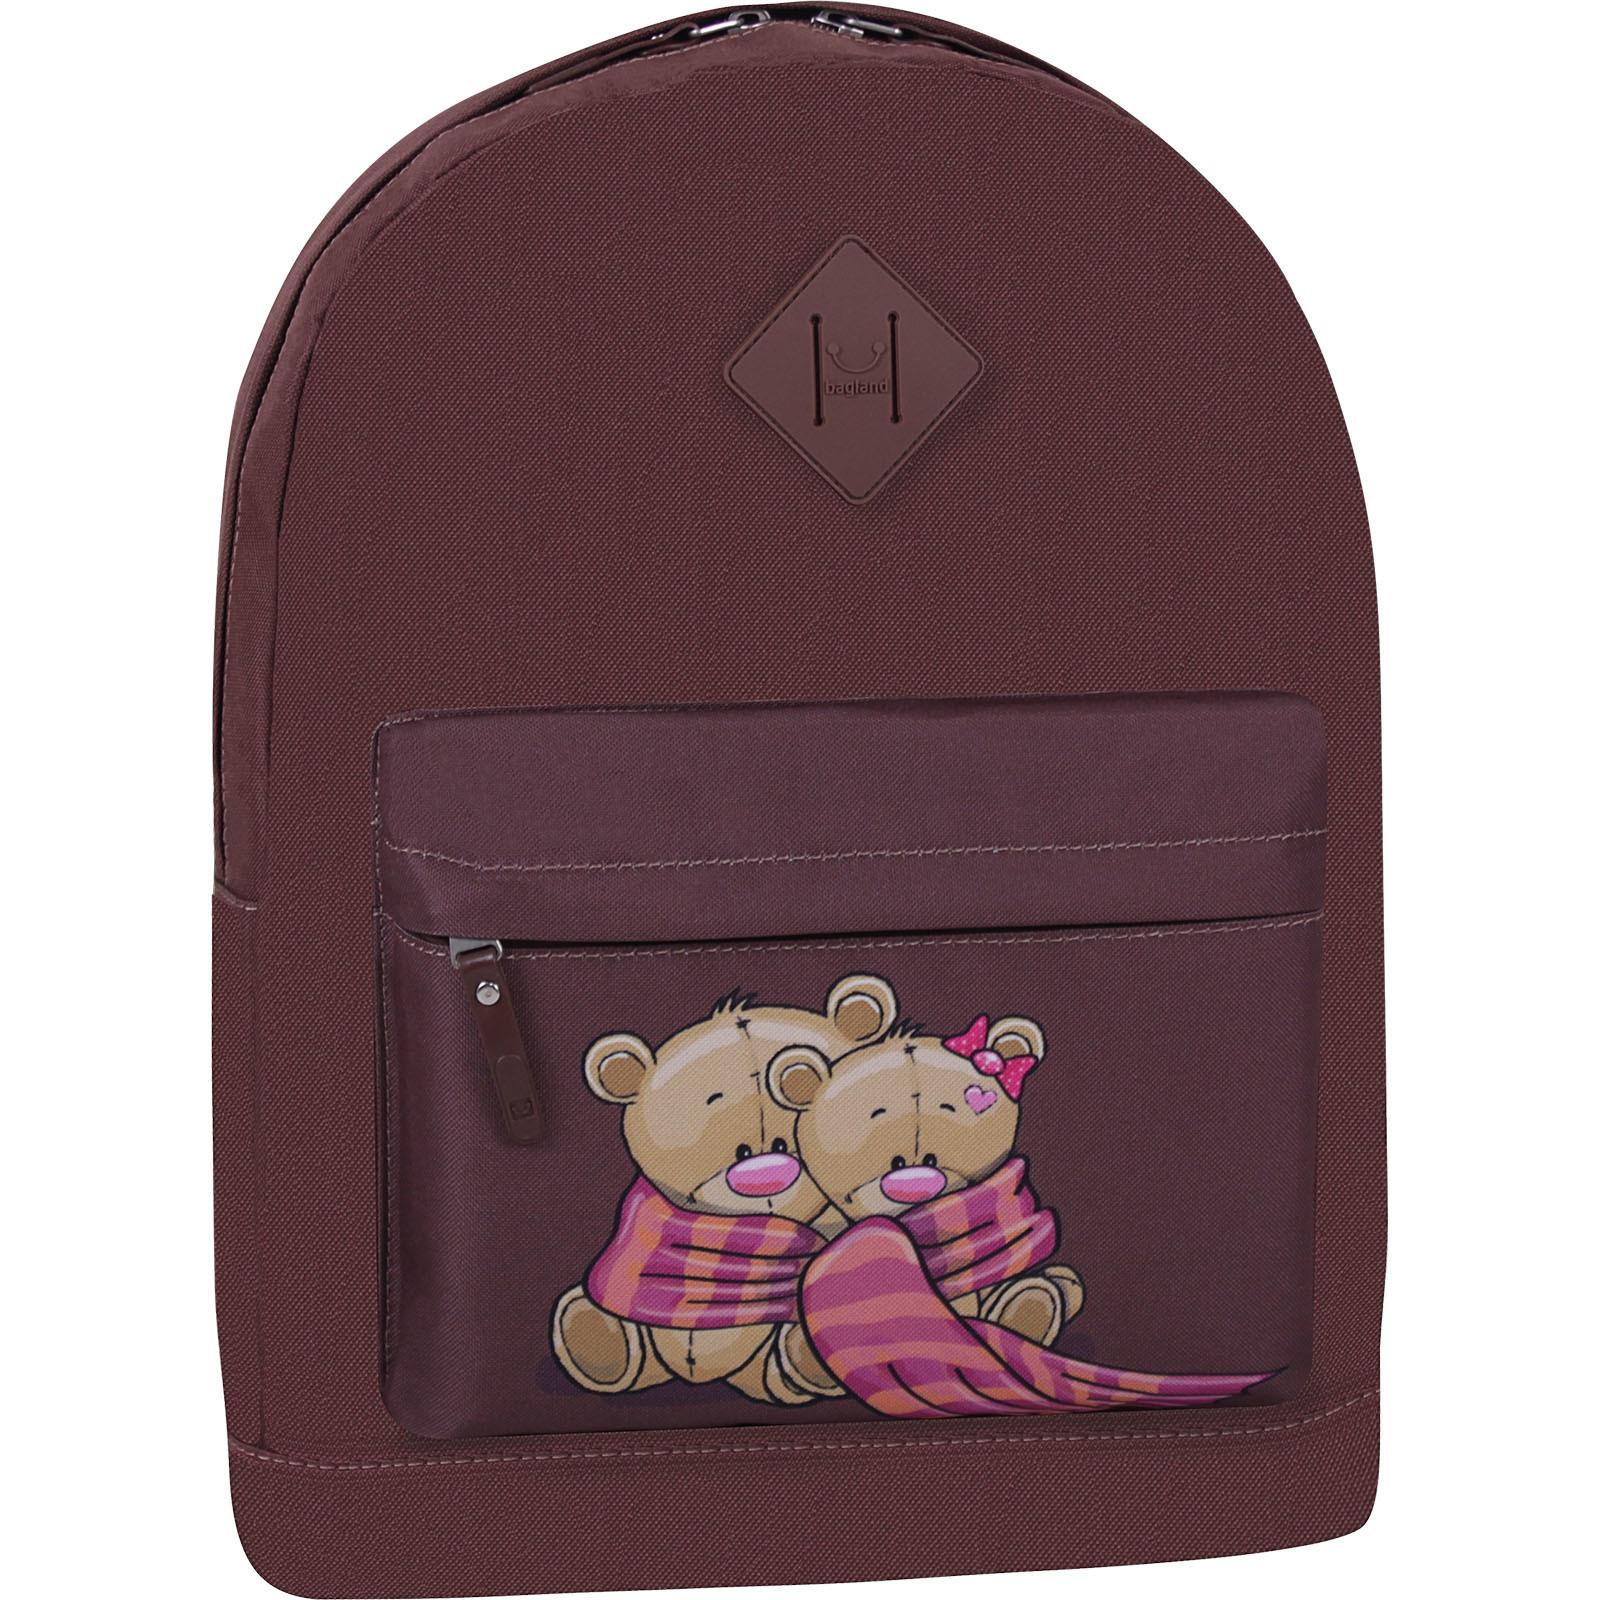 Городские рюкзаки Рюкзак Bagland Молодежный W/R 17 л. Коричневый 744 (00533662) IMG_7395_суб774_-1600.jpg